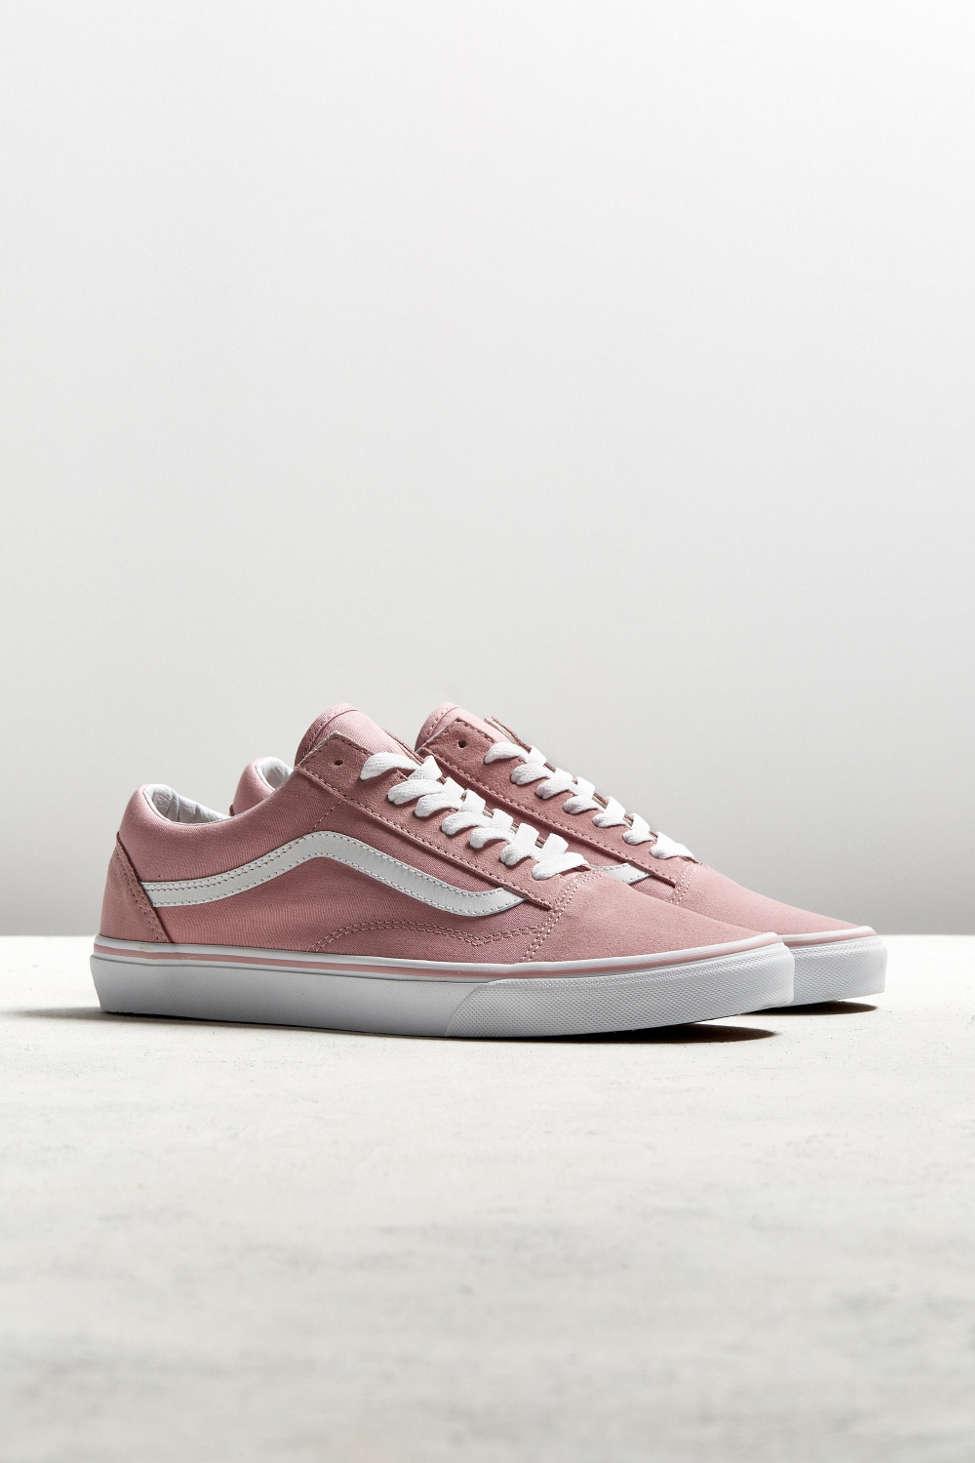 Vans Old Skool Pink Suede Sneaker Urban Outfitters